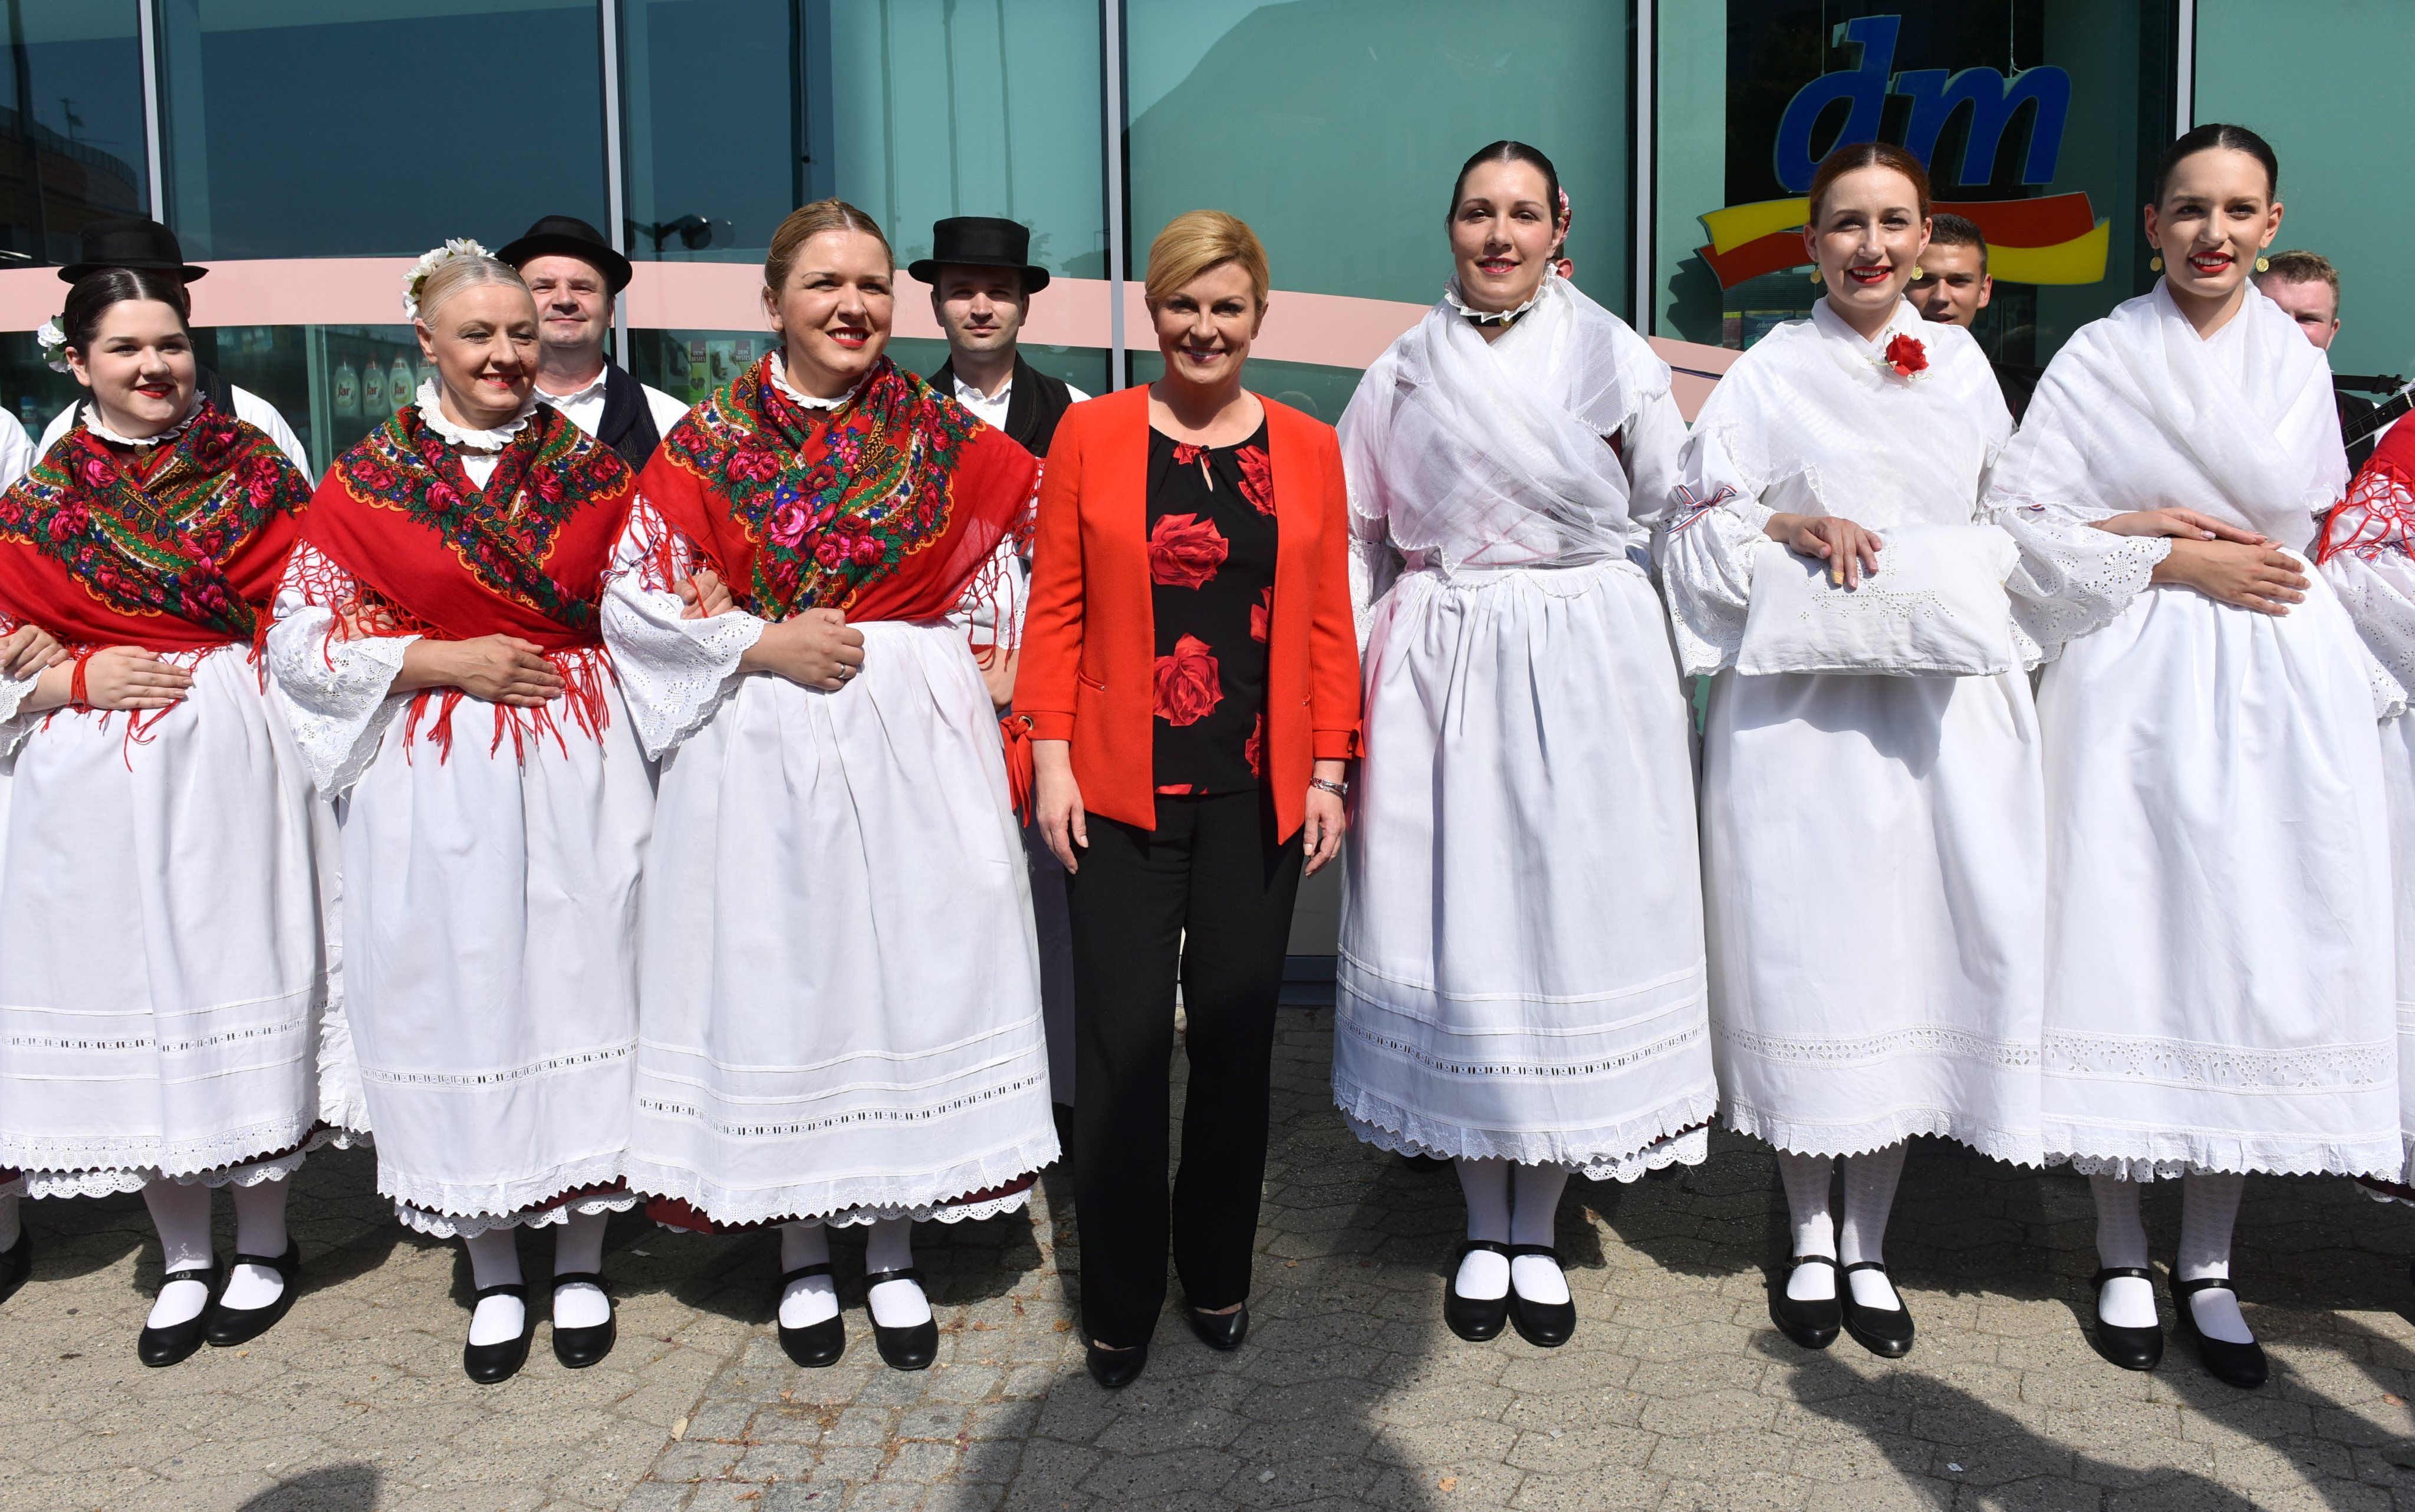 Predsjednica s predstavnicima Obiteljskih poljoprivrednih gospodarstava Osječko-baranjske županije